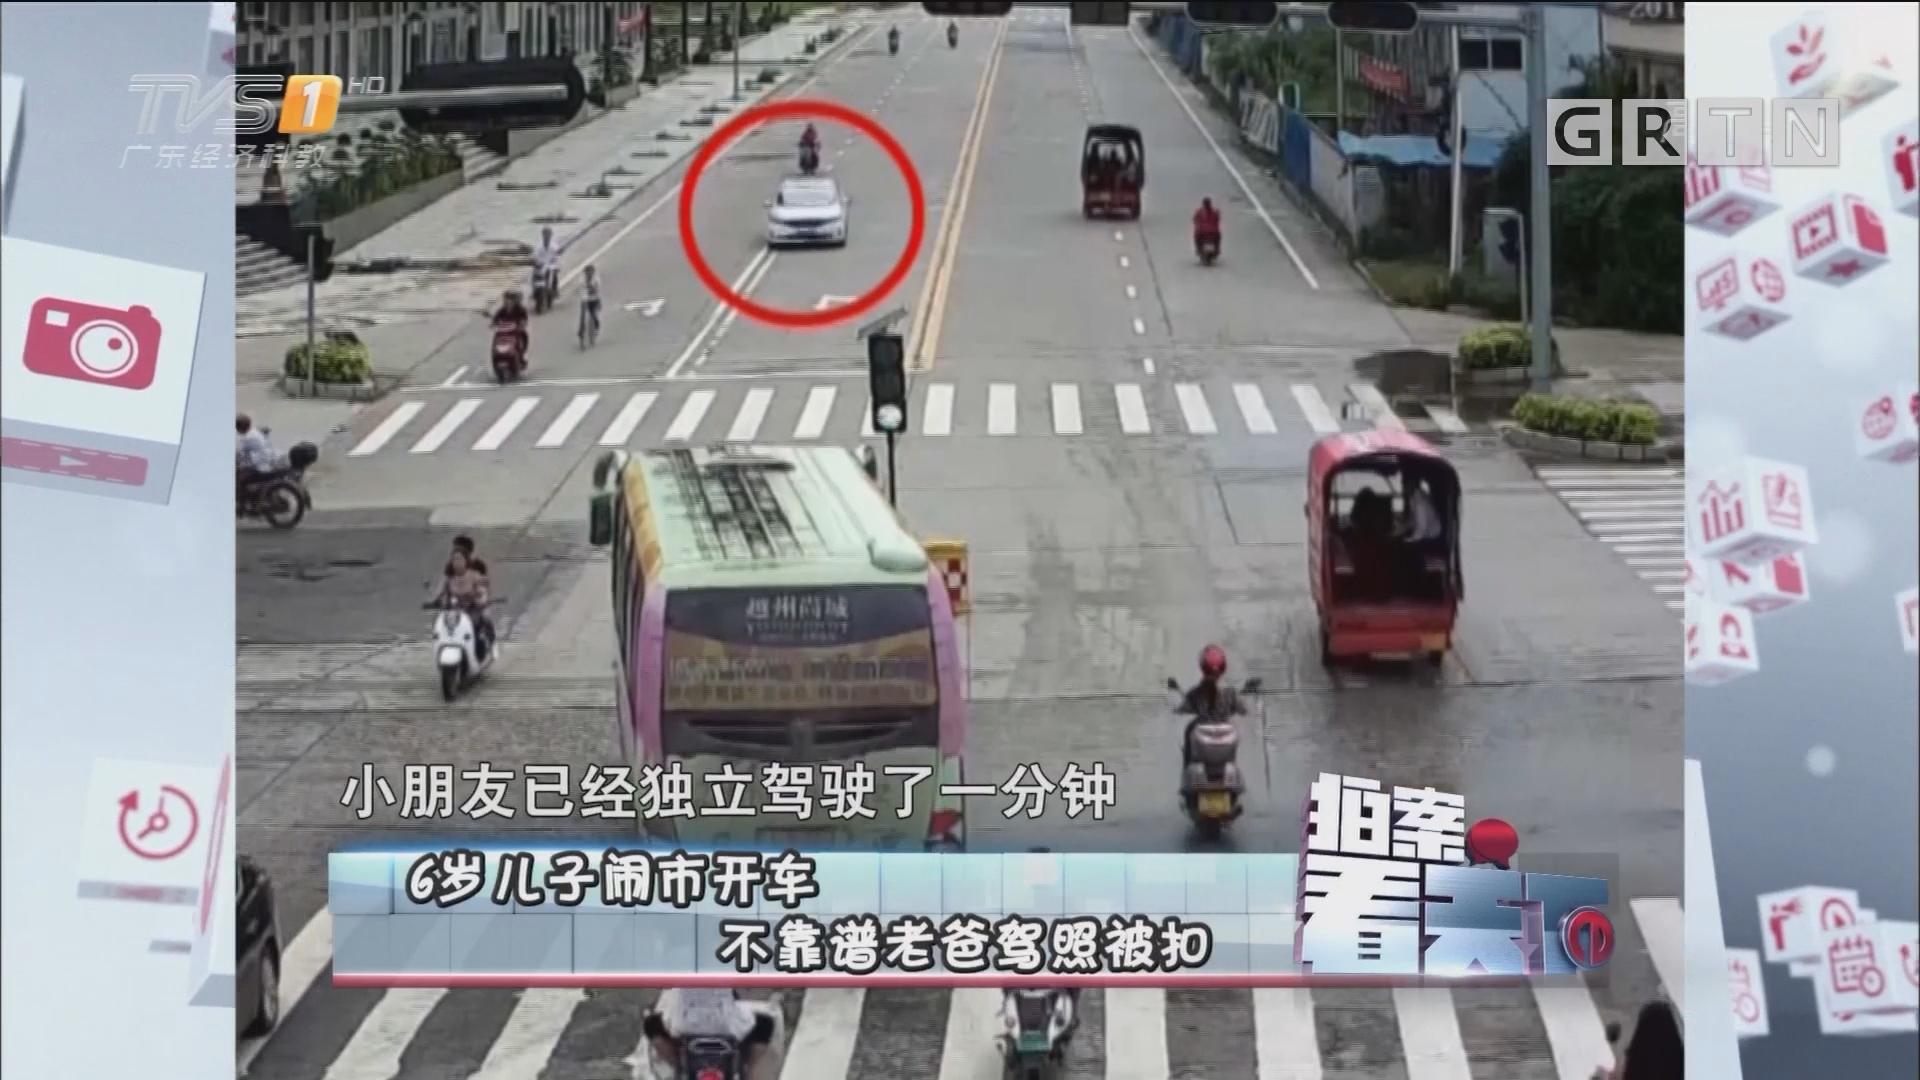 [HD][2017-07-18]拍案看天下:6岁儿子闹市开车 不靠谱老爸驾照被扣